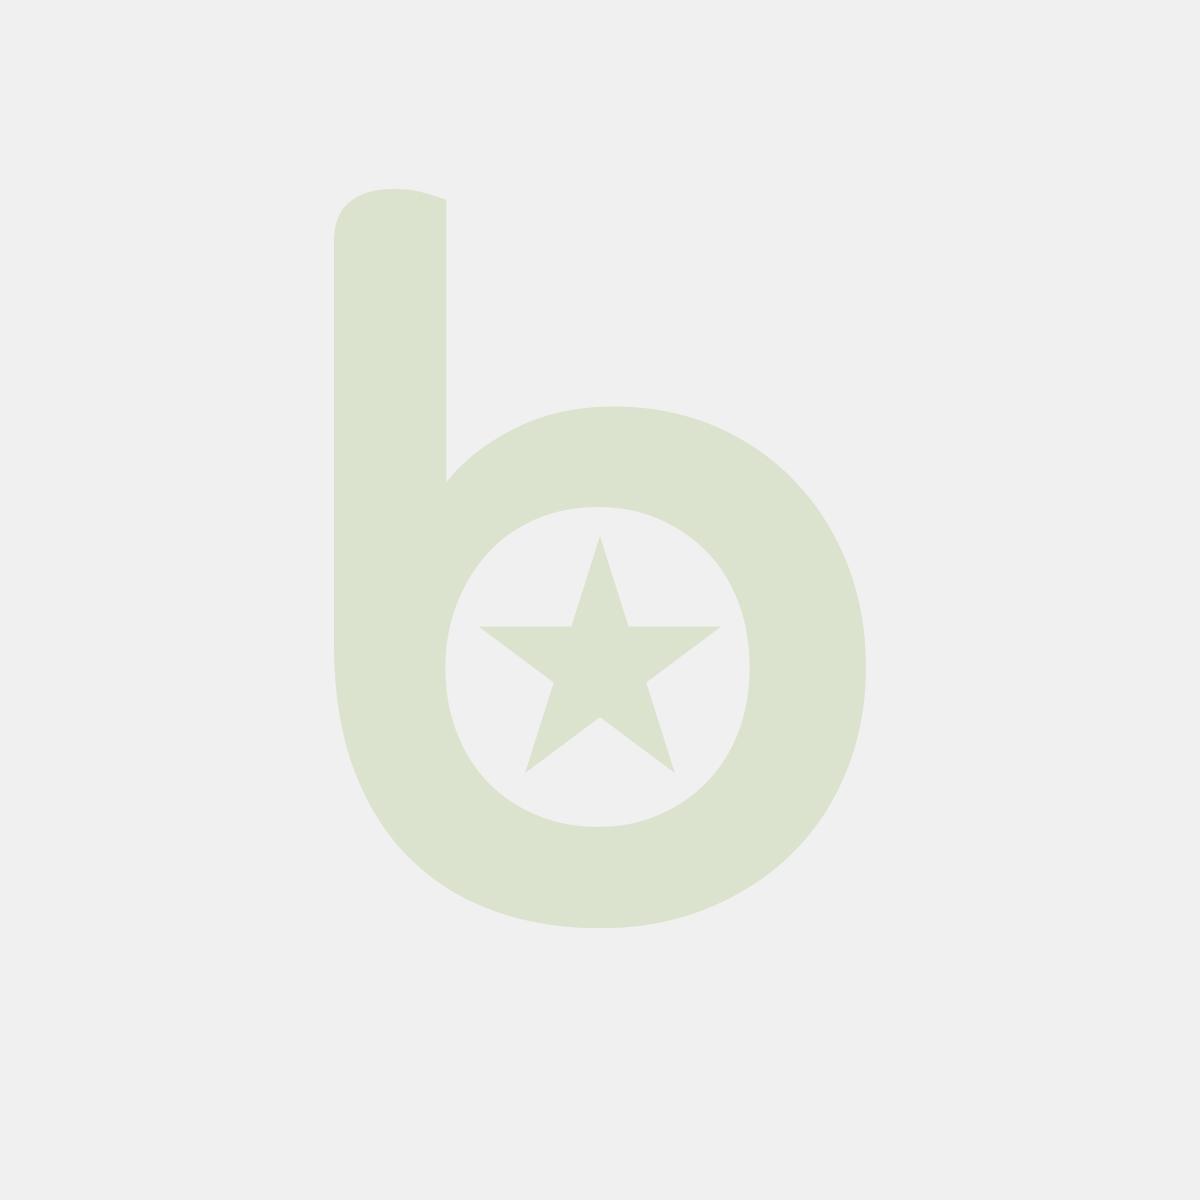 Czarne mini tabliczki kredowe 16cm op. 100 sztuk